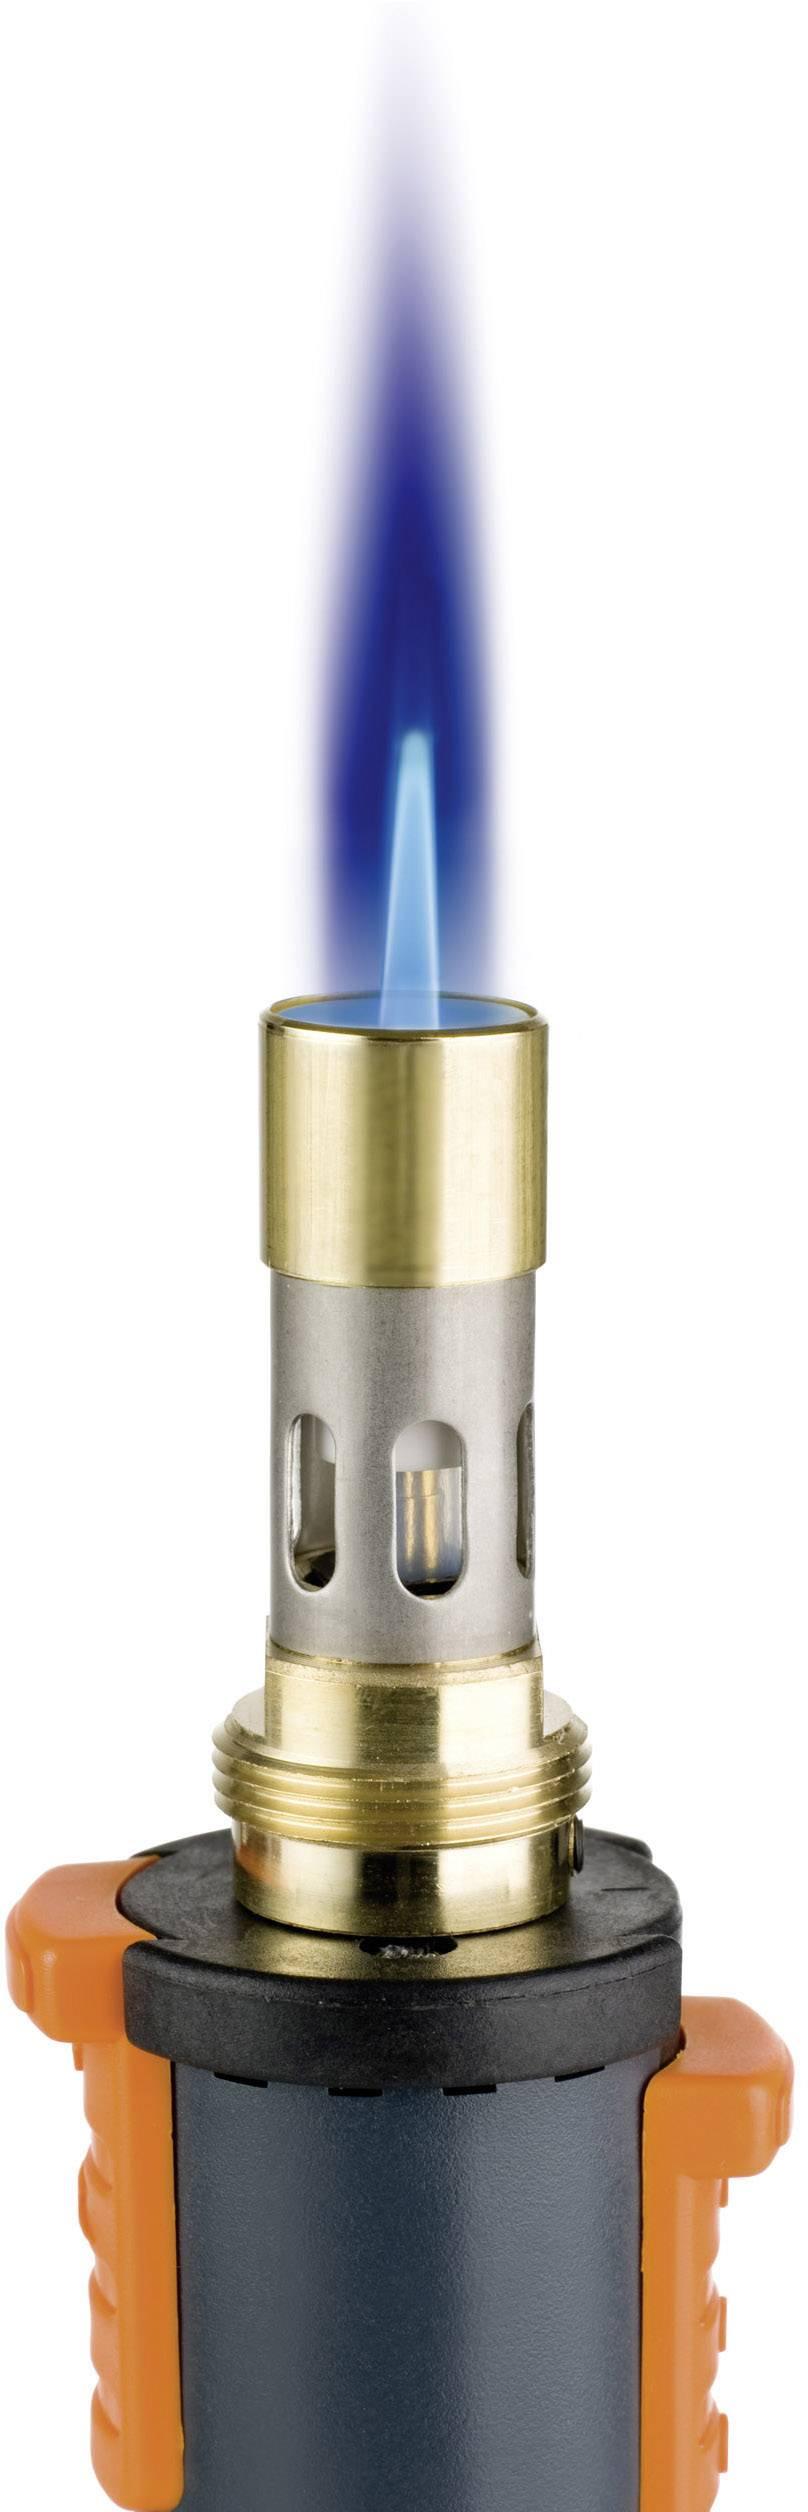 Plynová spájkovačka Portasol SuperPro, 625 °C, 90 min + piezozapaľovač